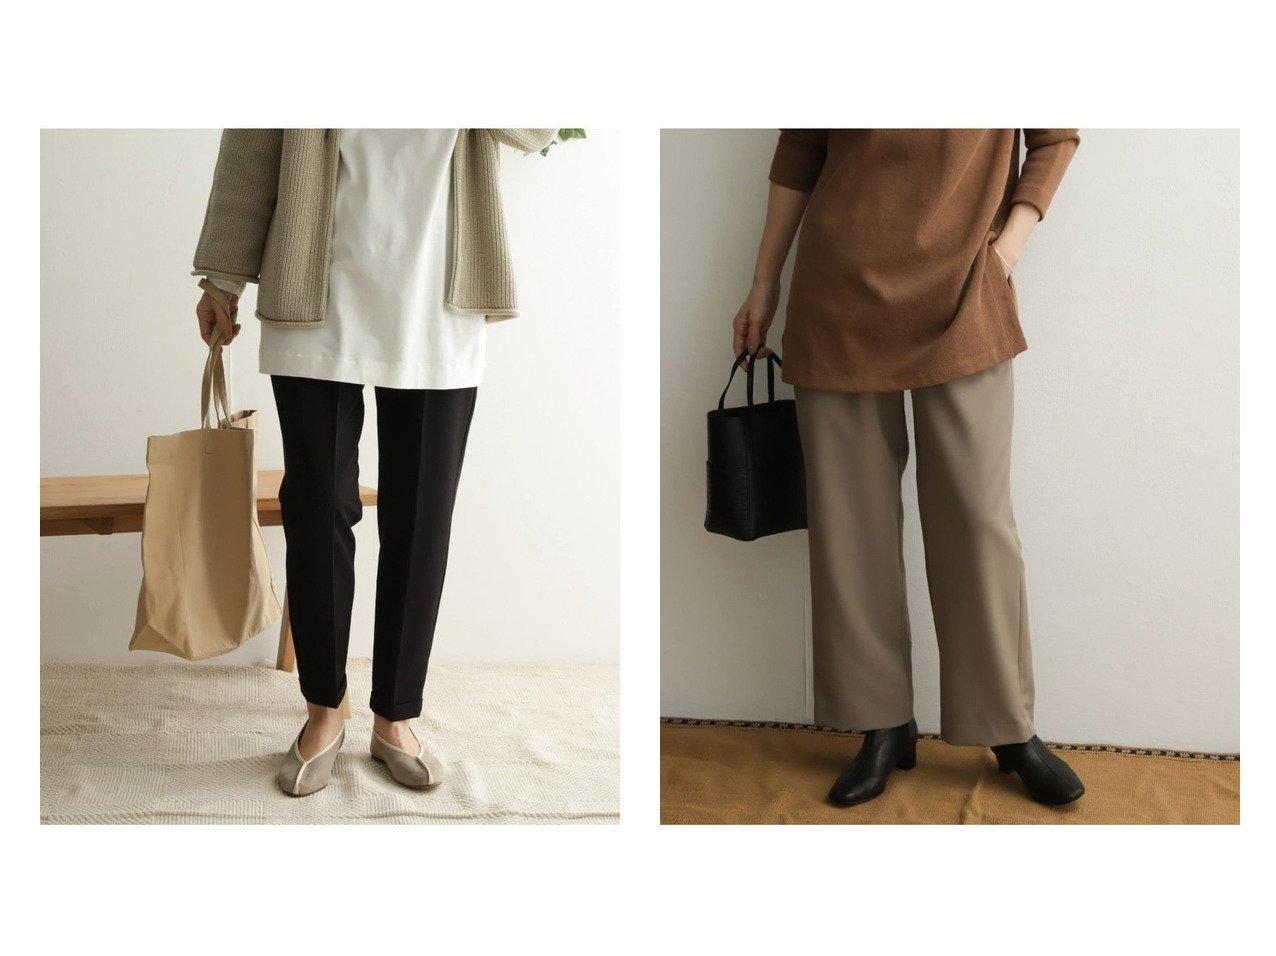 【URBAN RESEARCH DOORS/アーバンリサーチ ドアーズ】のストレッチテーパードイージーパンツ&ストレートイージーパンツ パンツのおすすめ!人気、トレンド・レディースファッションの通販 おすすめで人気の流行・トレンド、ファッションの通販商品 メンズファッション・キッズファッション・インテリア・家具・レディースファッション・服の通販 founy(ファニー) https://founy.com/ ファッション Fashion レディースファッション WOMEN パンツ Pants NEW・新作・新着・新入荷 New Arrivals ジーンズ ストレッチ センター チュニック ツイル テーパード バランス ポケット リラックス 春 Spring ストレート 冬 Winter |ID:crp329100000012407